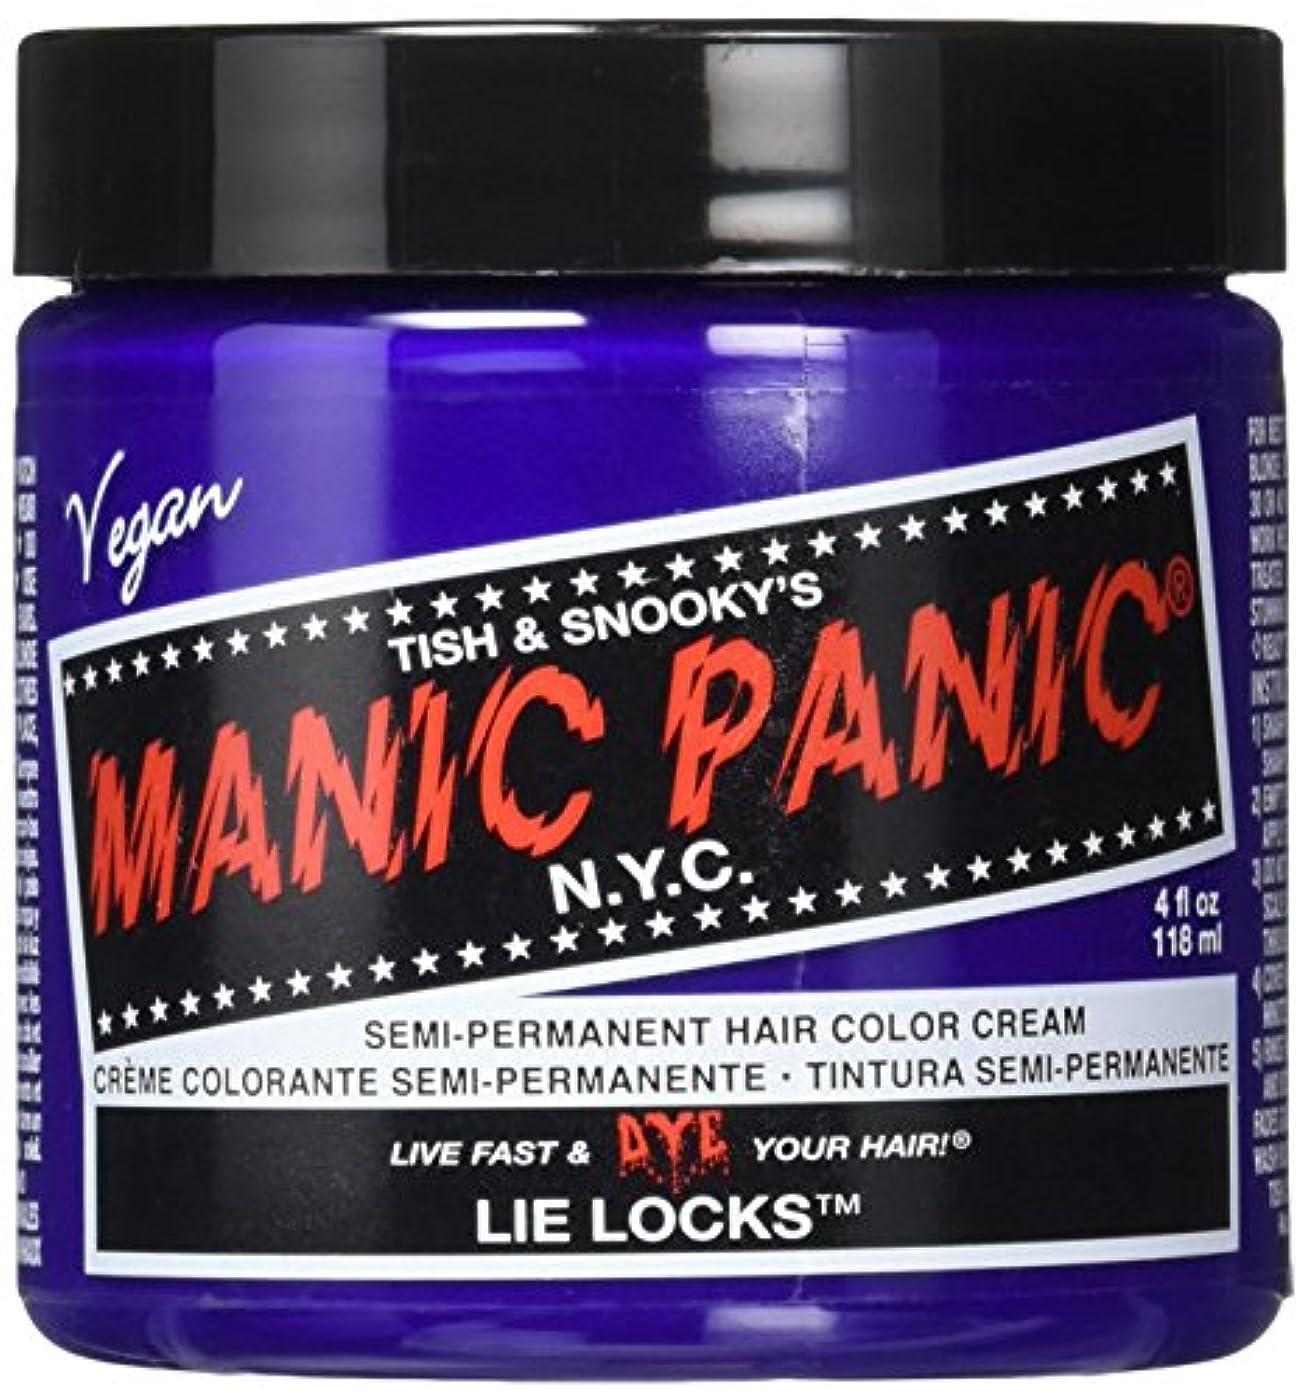 束他の場所メリーマニックパニック MANIC PANIC ヘアカラー 118mlライラック ヘアーカラー